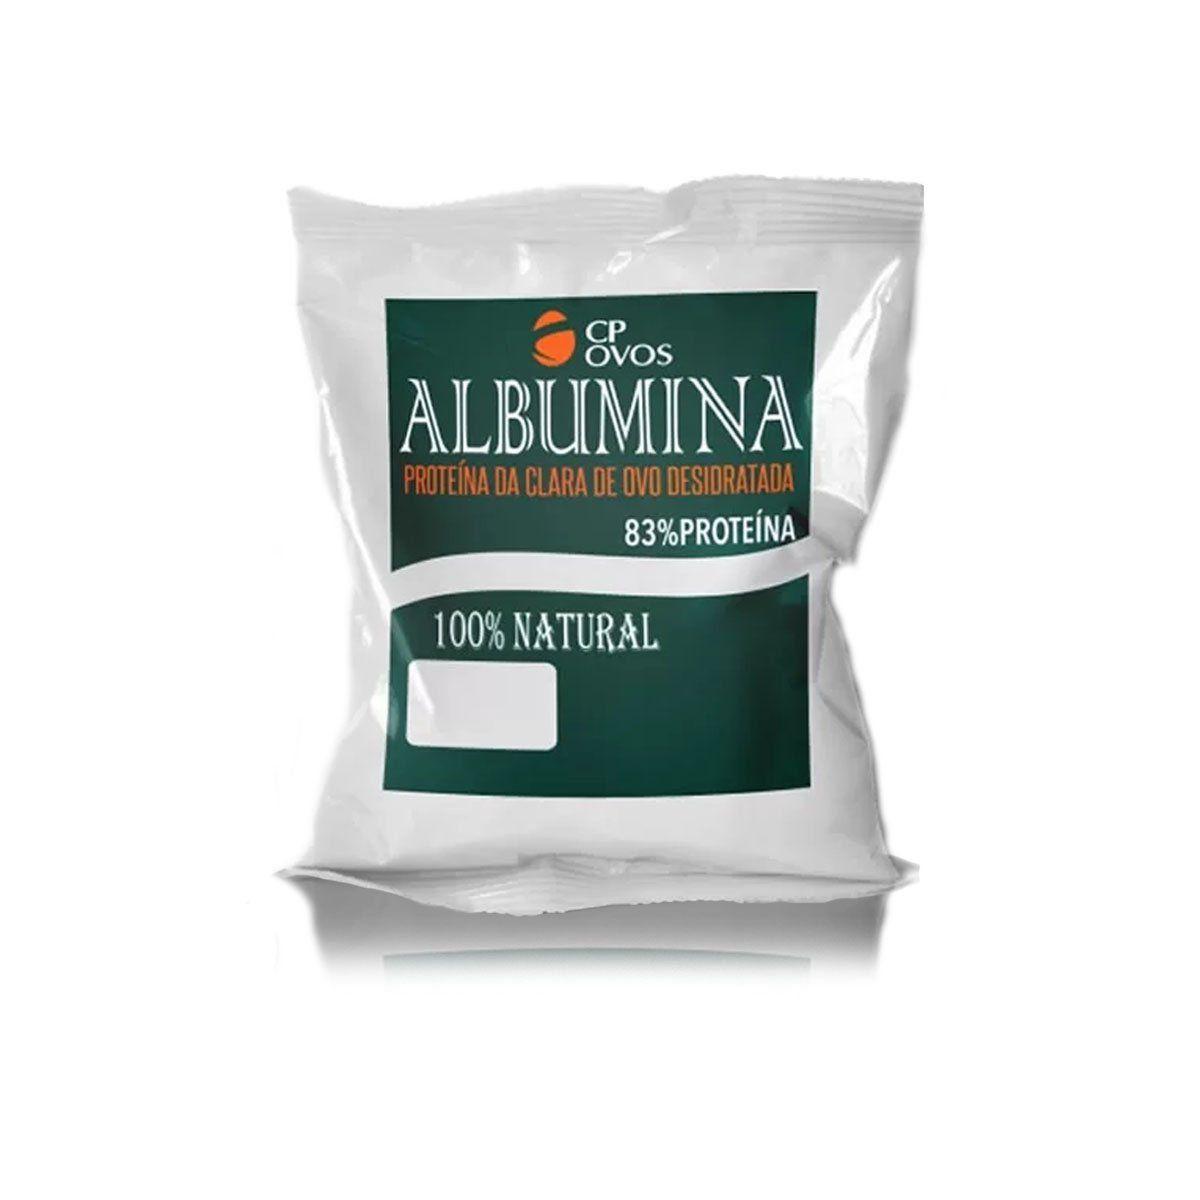 Albumina CP Ovos 500g